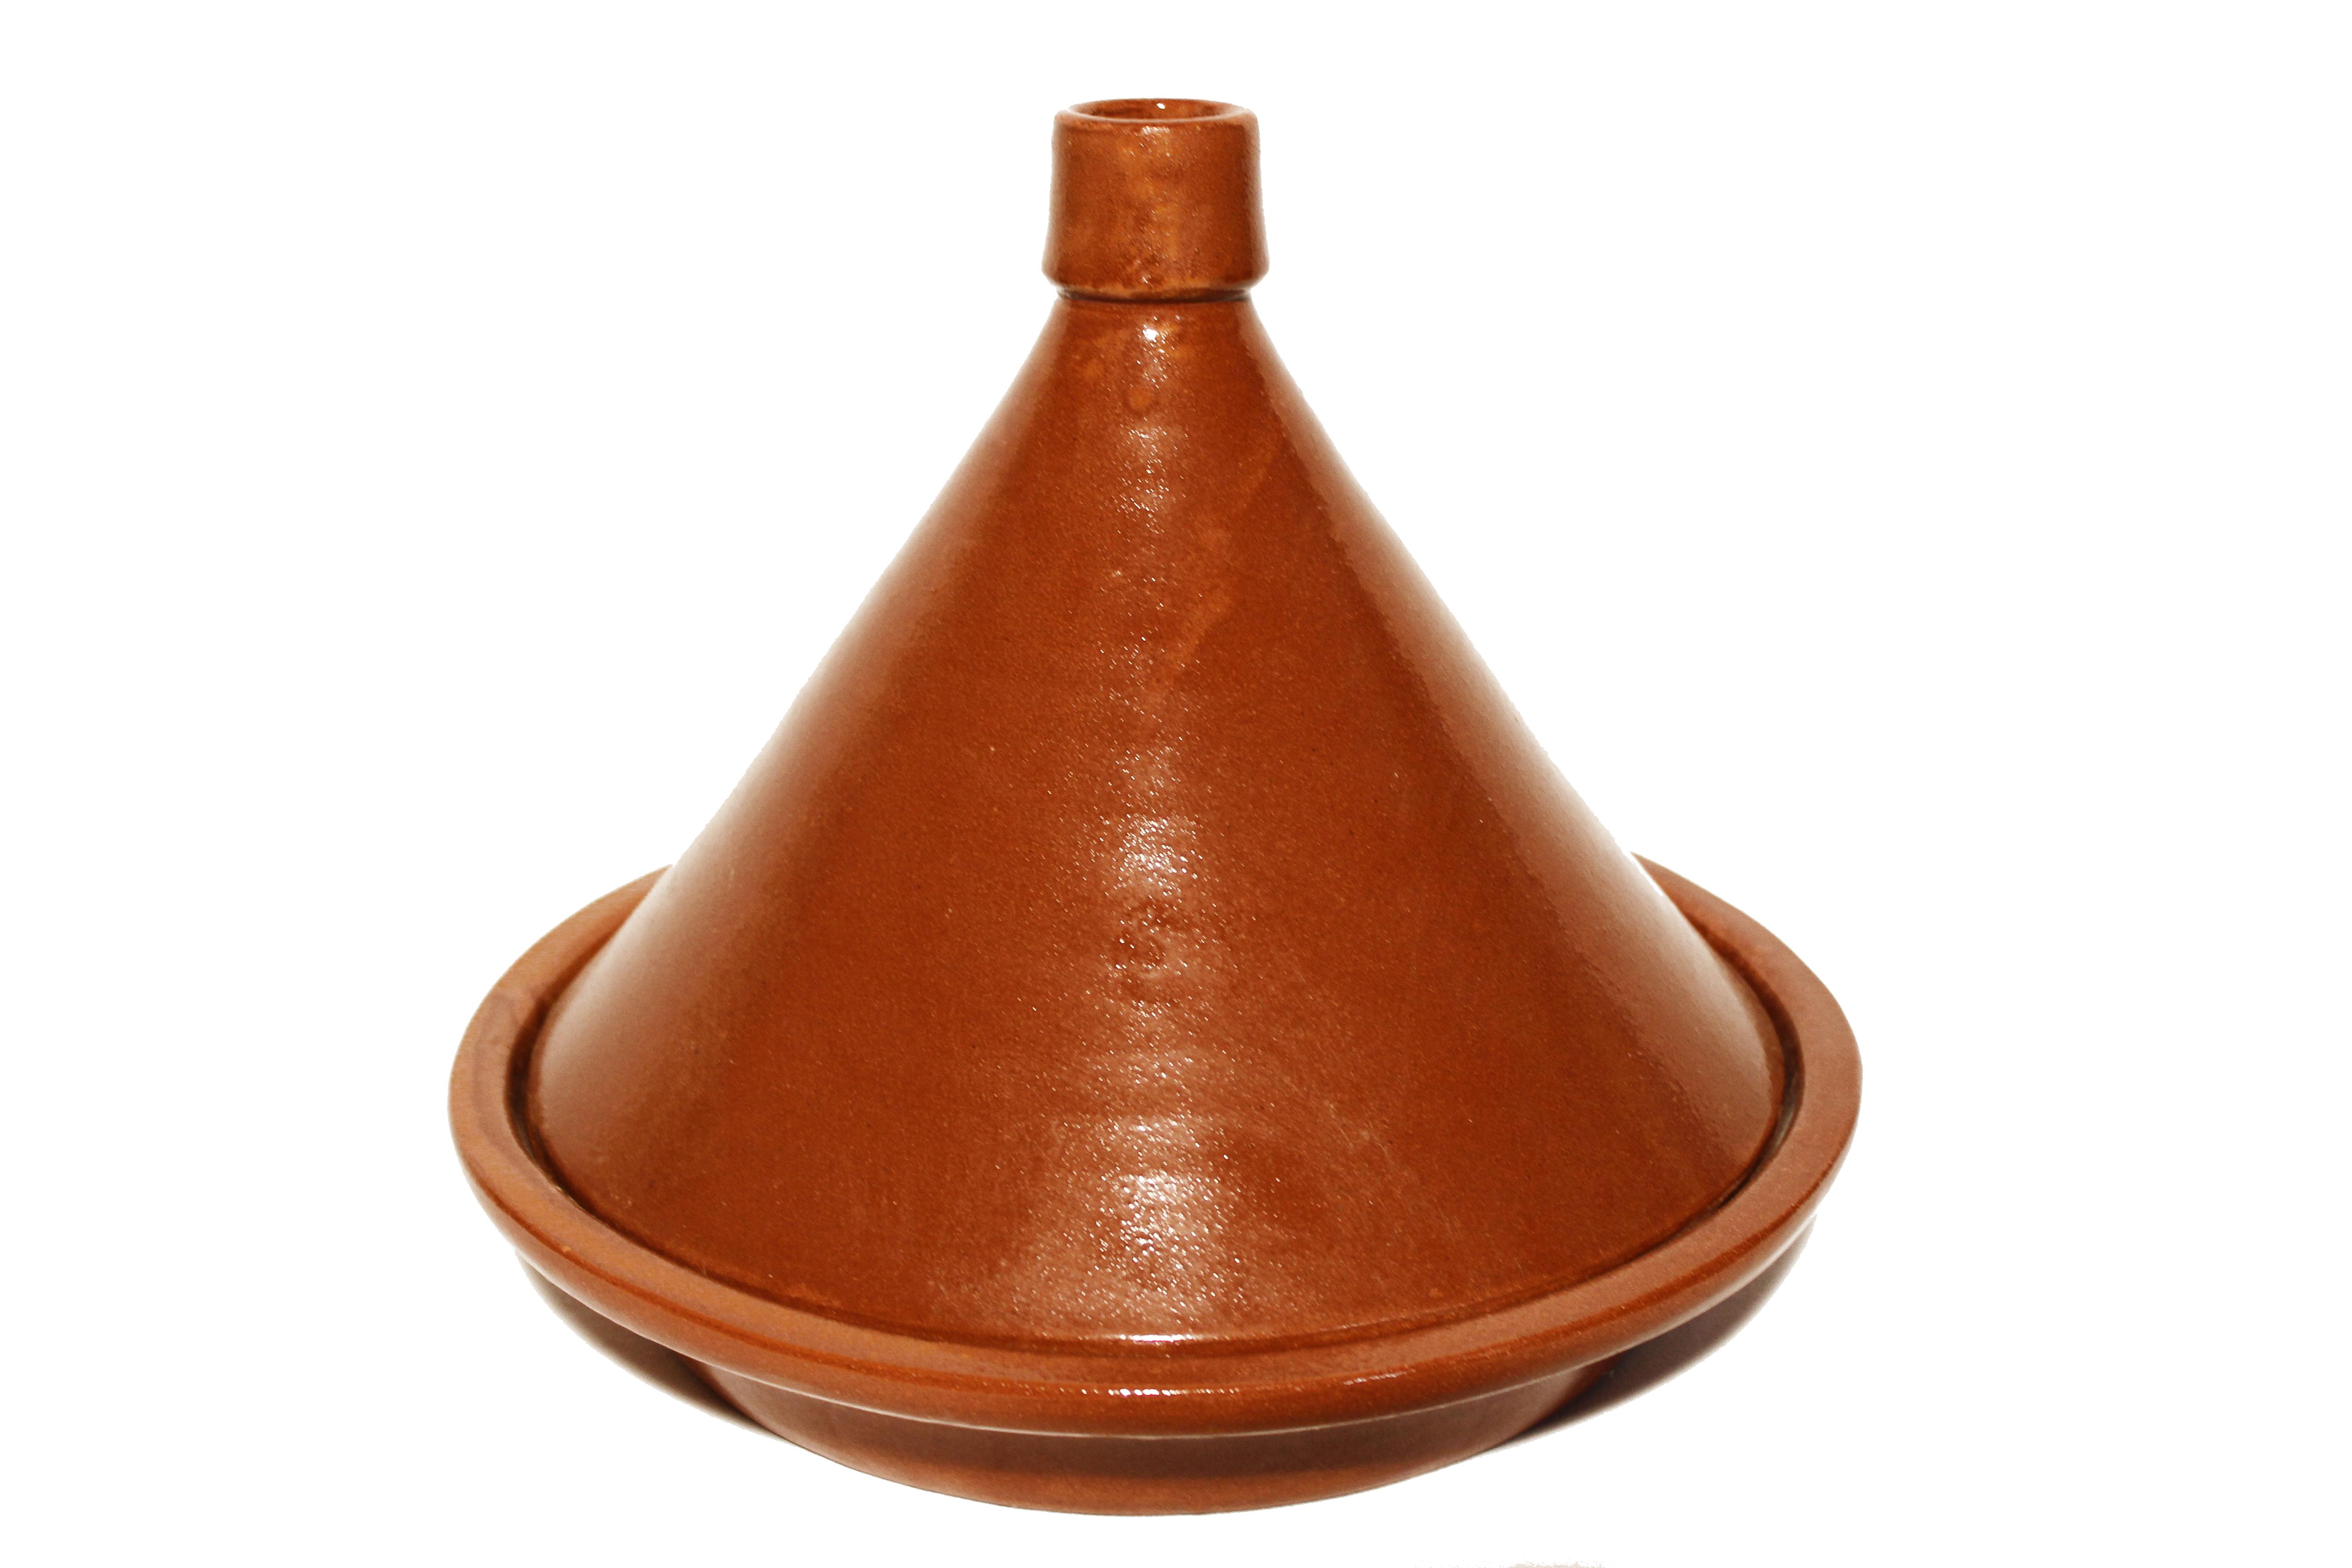 Die traditionellen Tajine werden in Marokko hergestellt. Marokkanische tajine erhältlich bei El-Fesi / Oriental Art Decor.